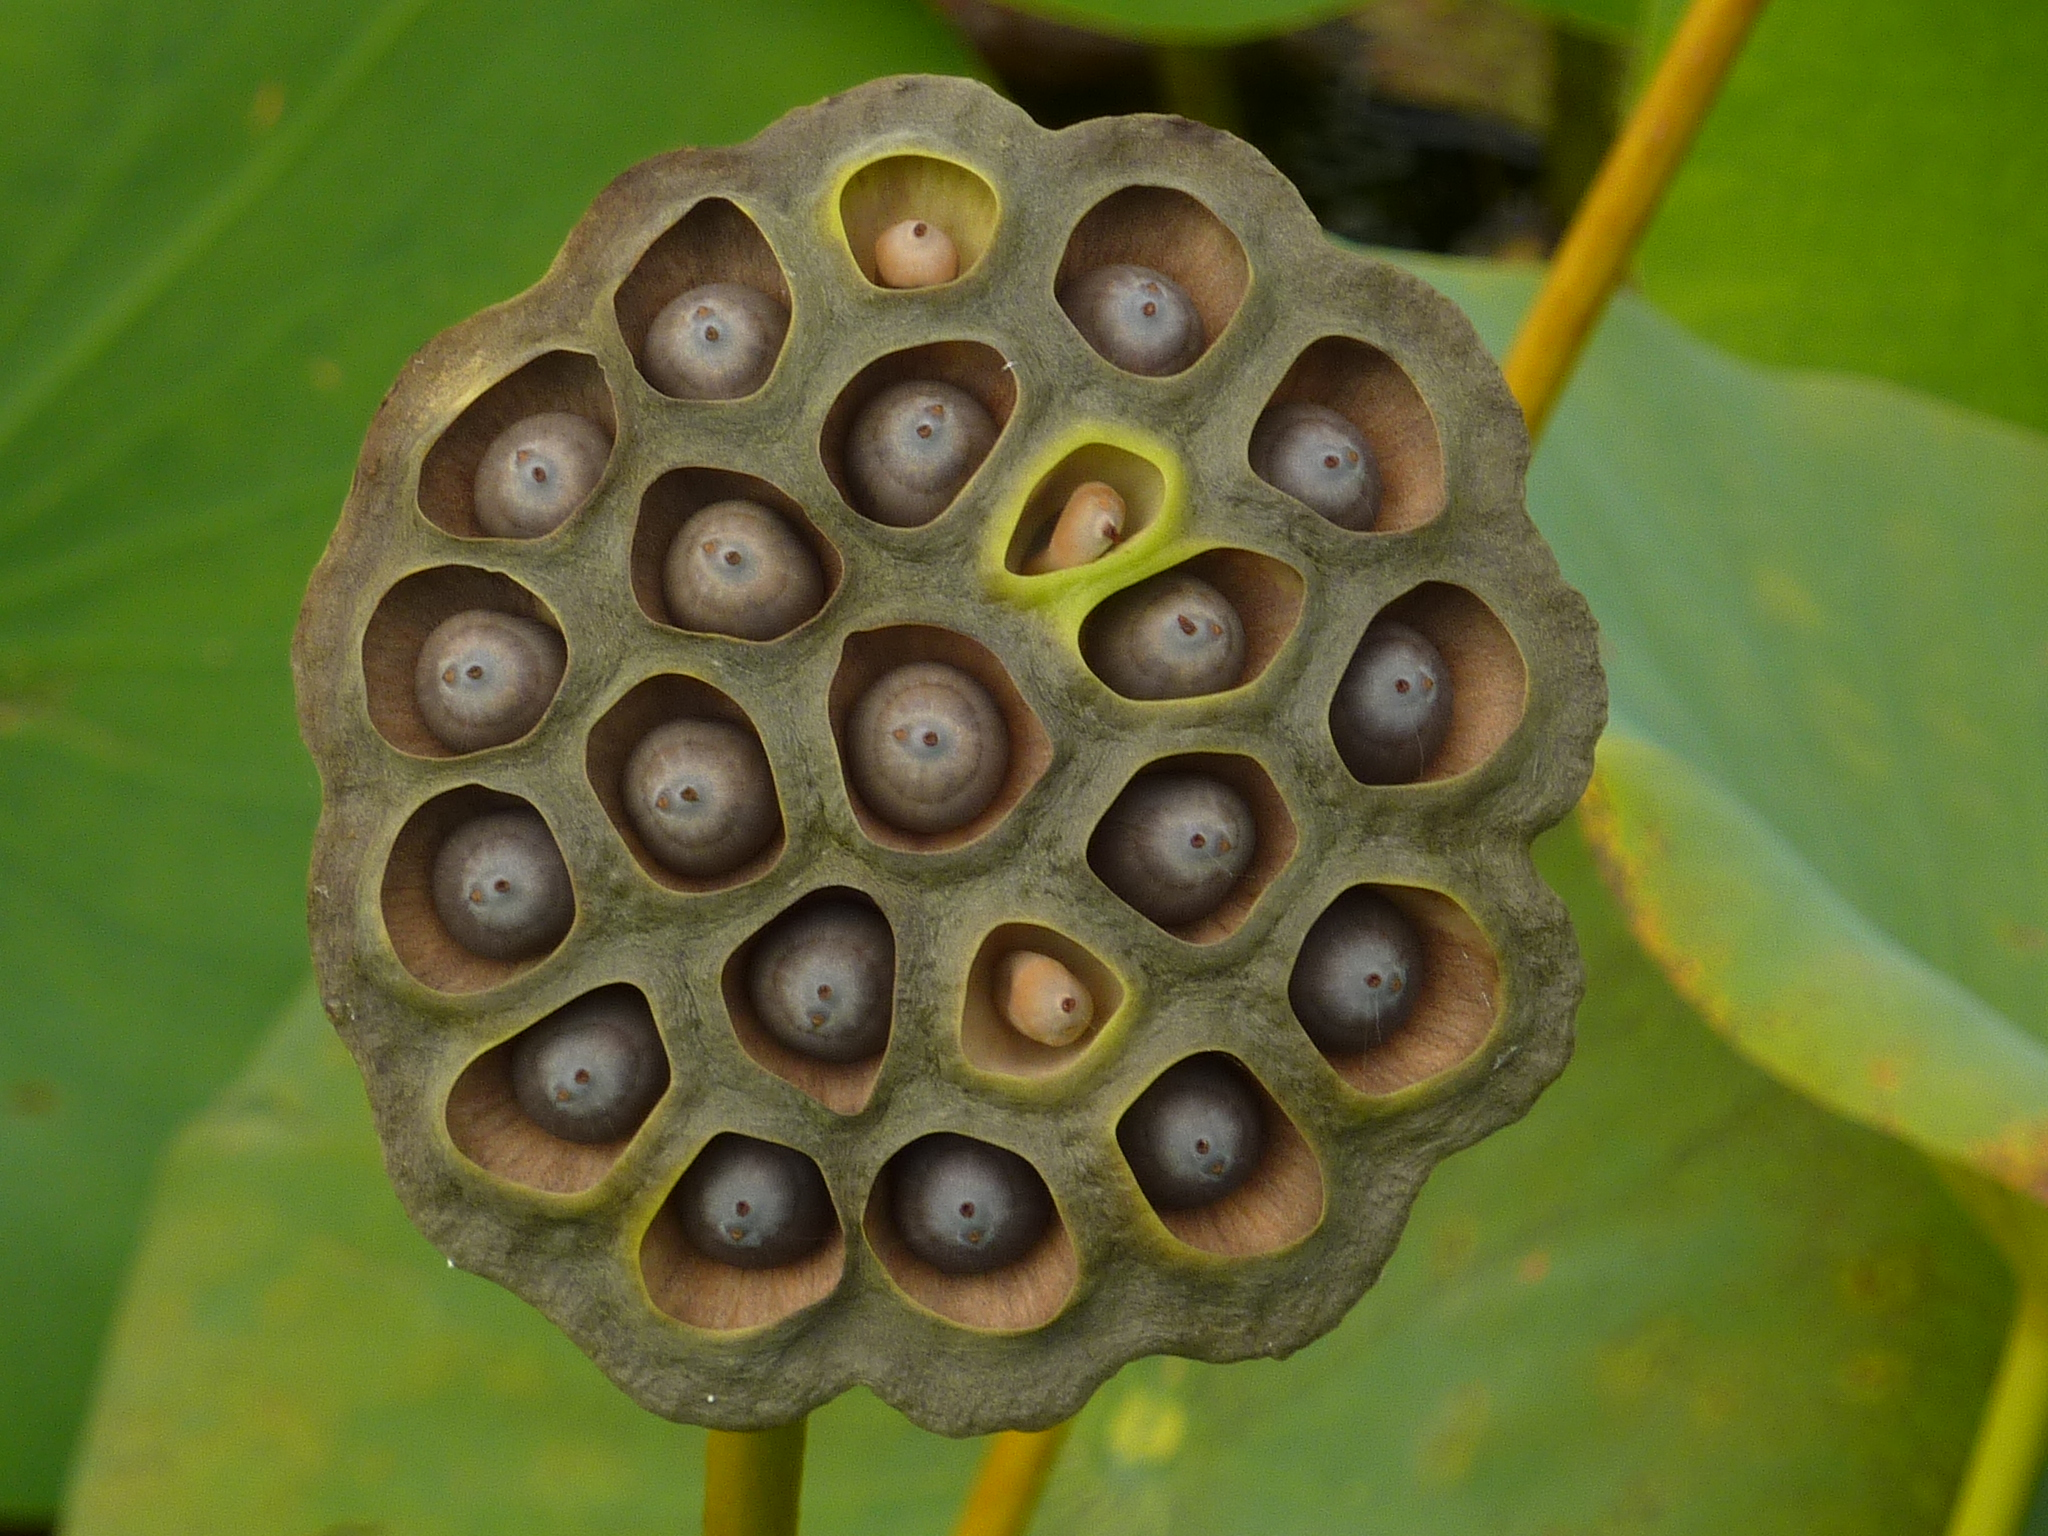 Fileiub Arboretum Lotus Pond Dry Seed Pod P1100172g